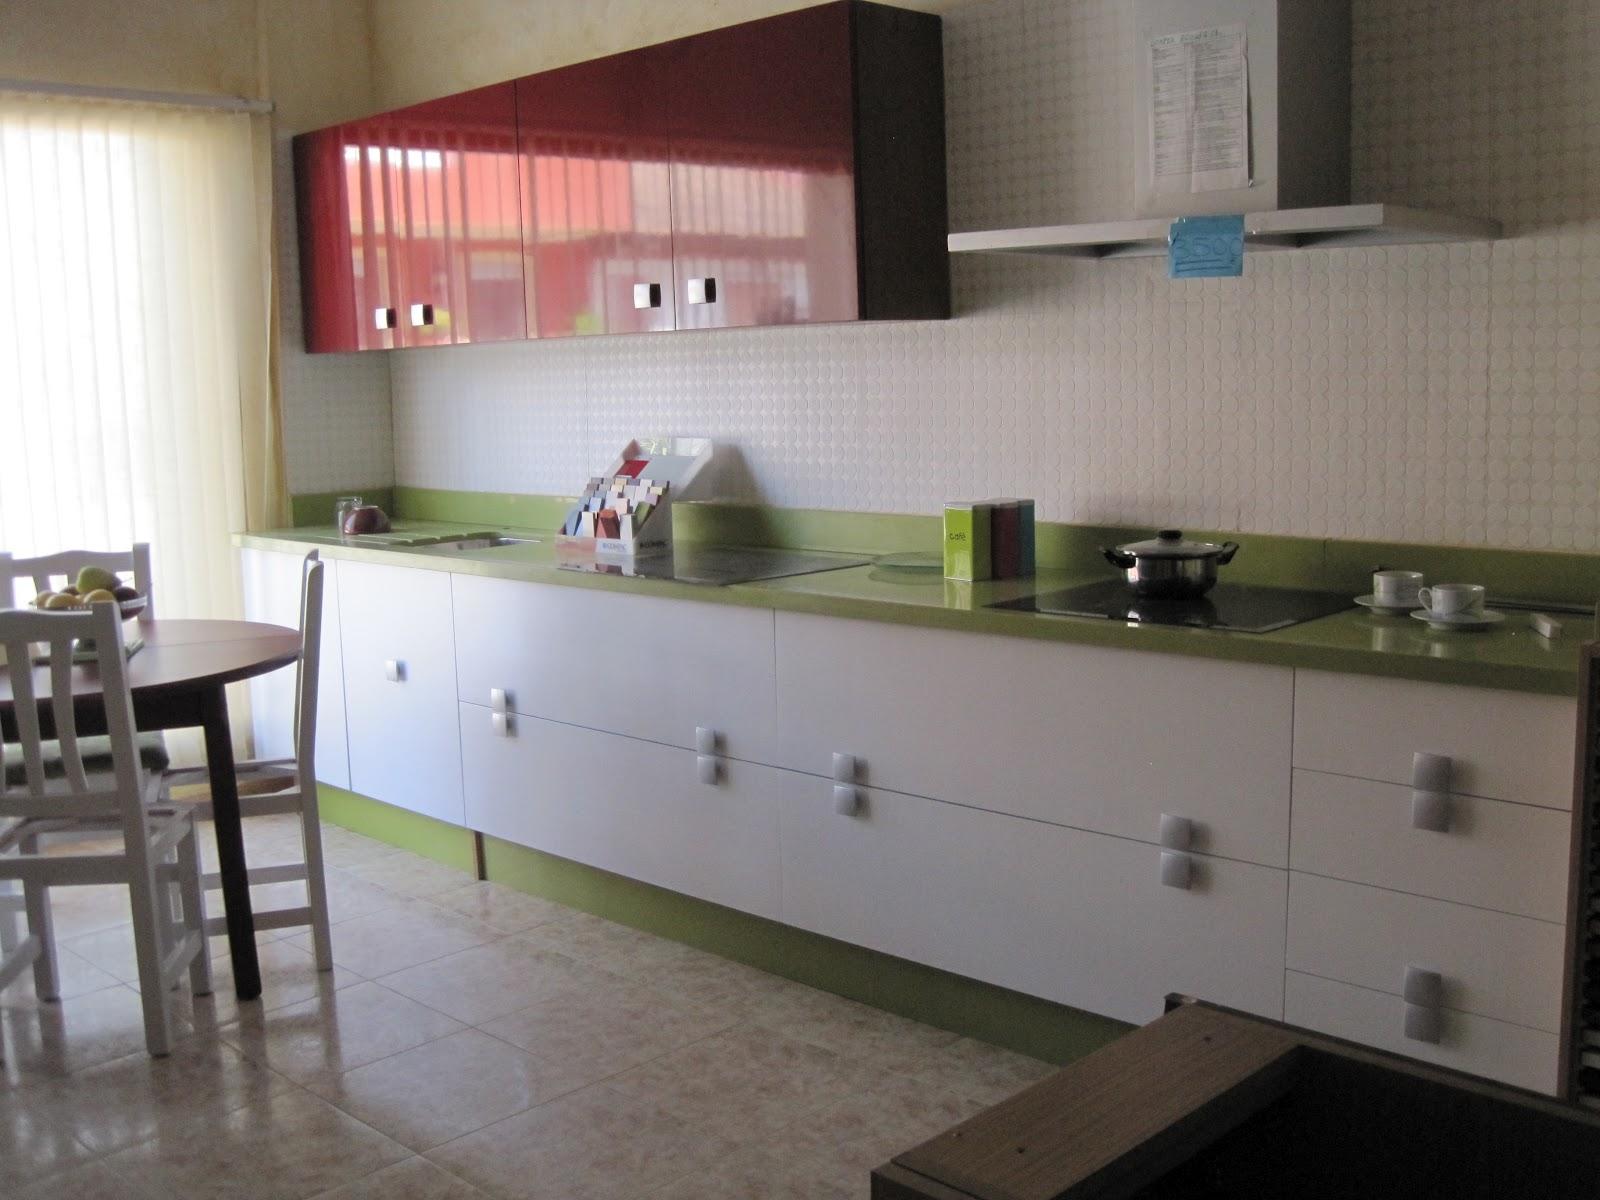 Muebles arcecoll cocinas - Cocinas color burdeos ...